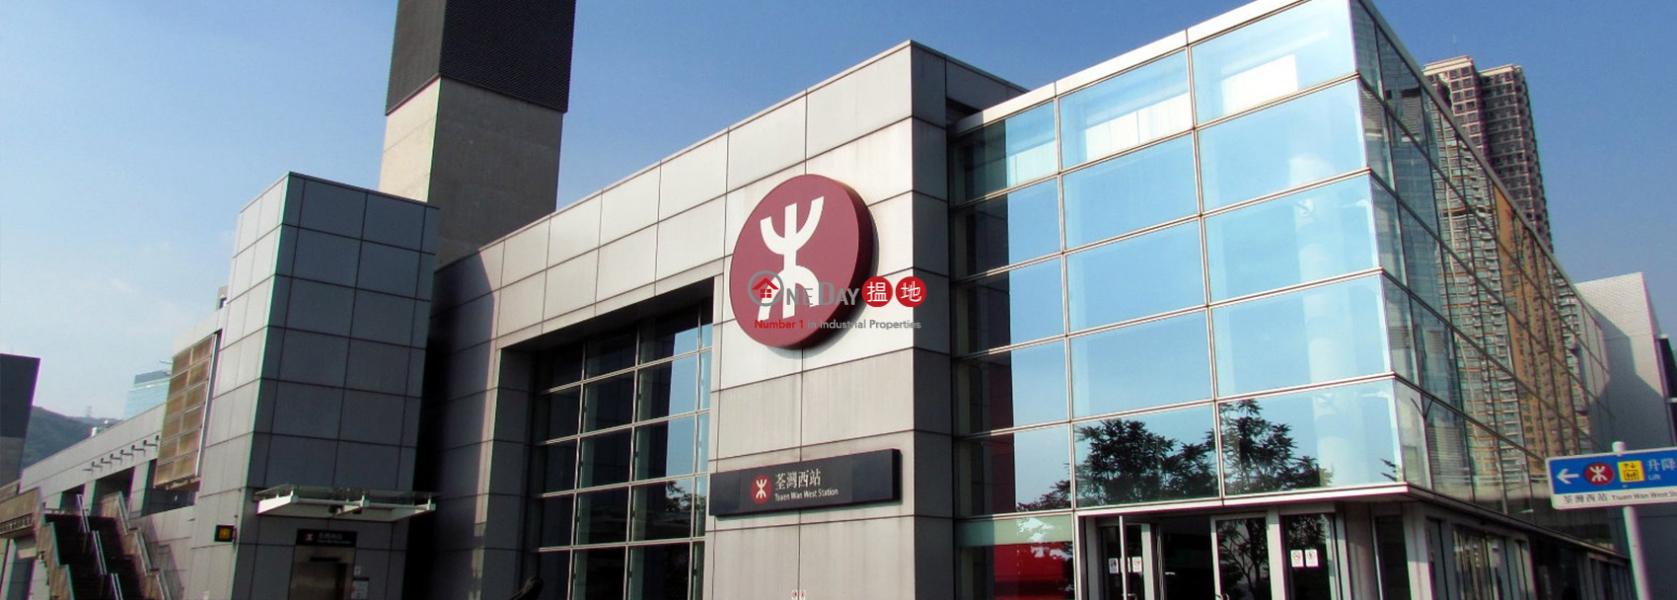 香港搵樓|租樓|二手盤|買樓| 搵地 | 工業大廈-出租樓盤荃灣西全新項目